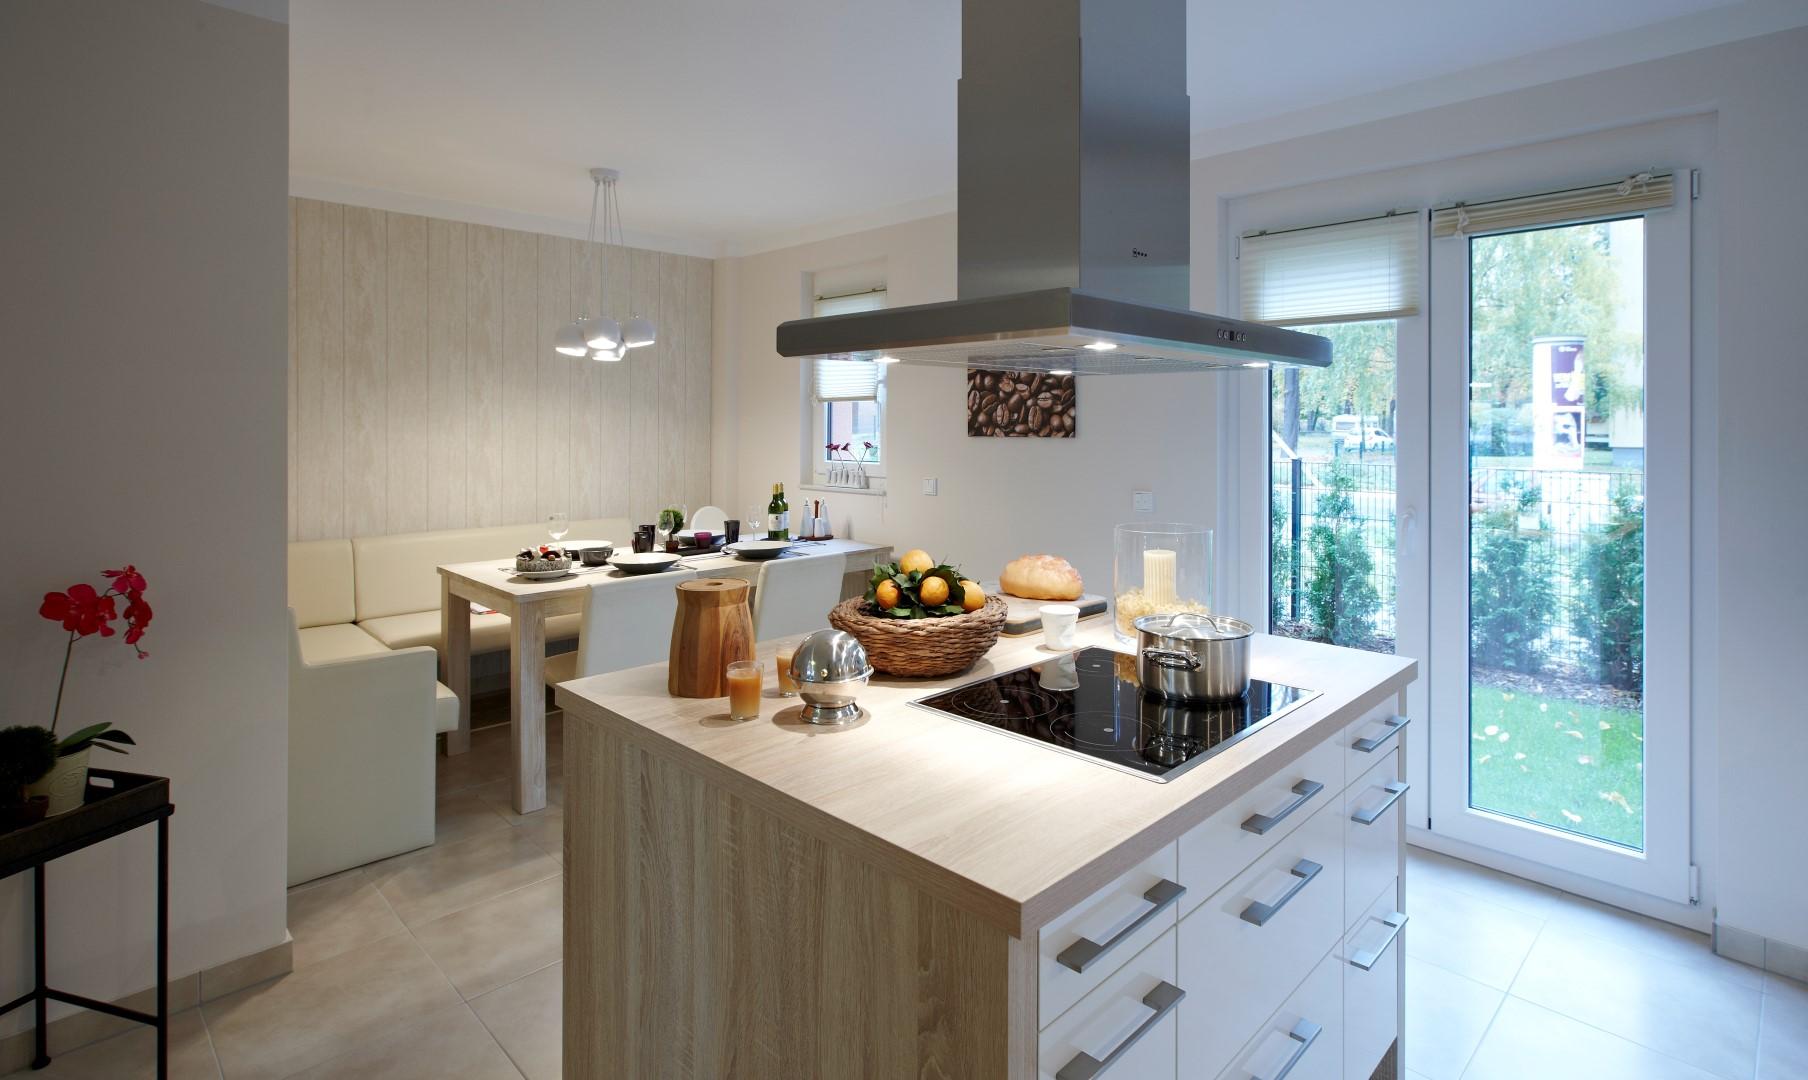 Großzügig Beste Küche Design Polis Fotos - Ideen Für Die Küche ...